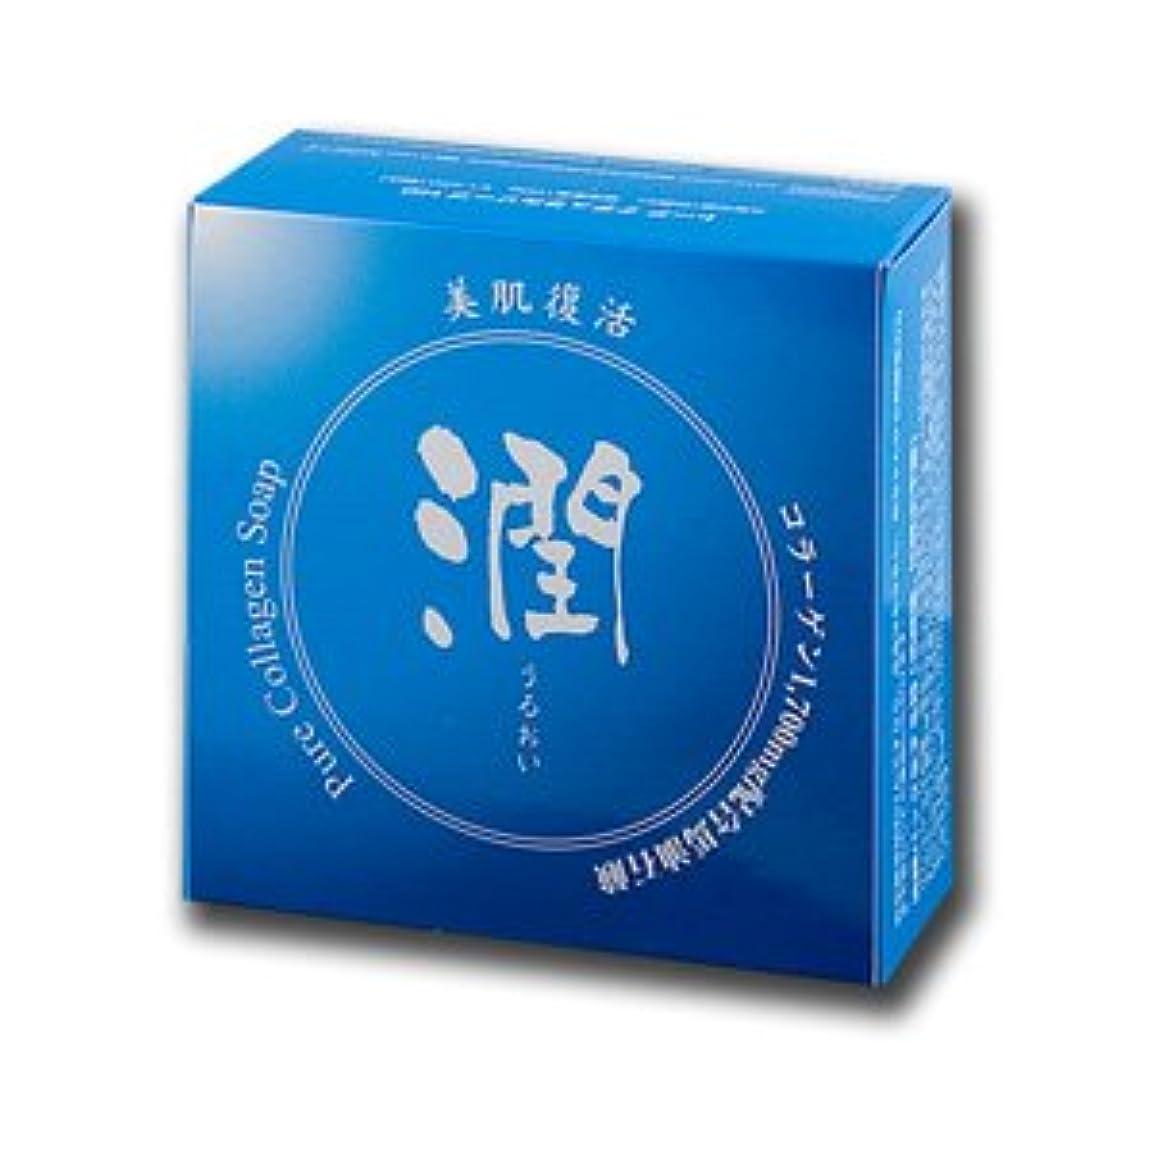 ボス宿命ライフルコラーゲン馬油石鹸 潤 100g (#800410) ×3個セット